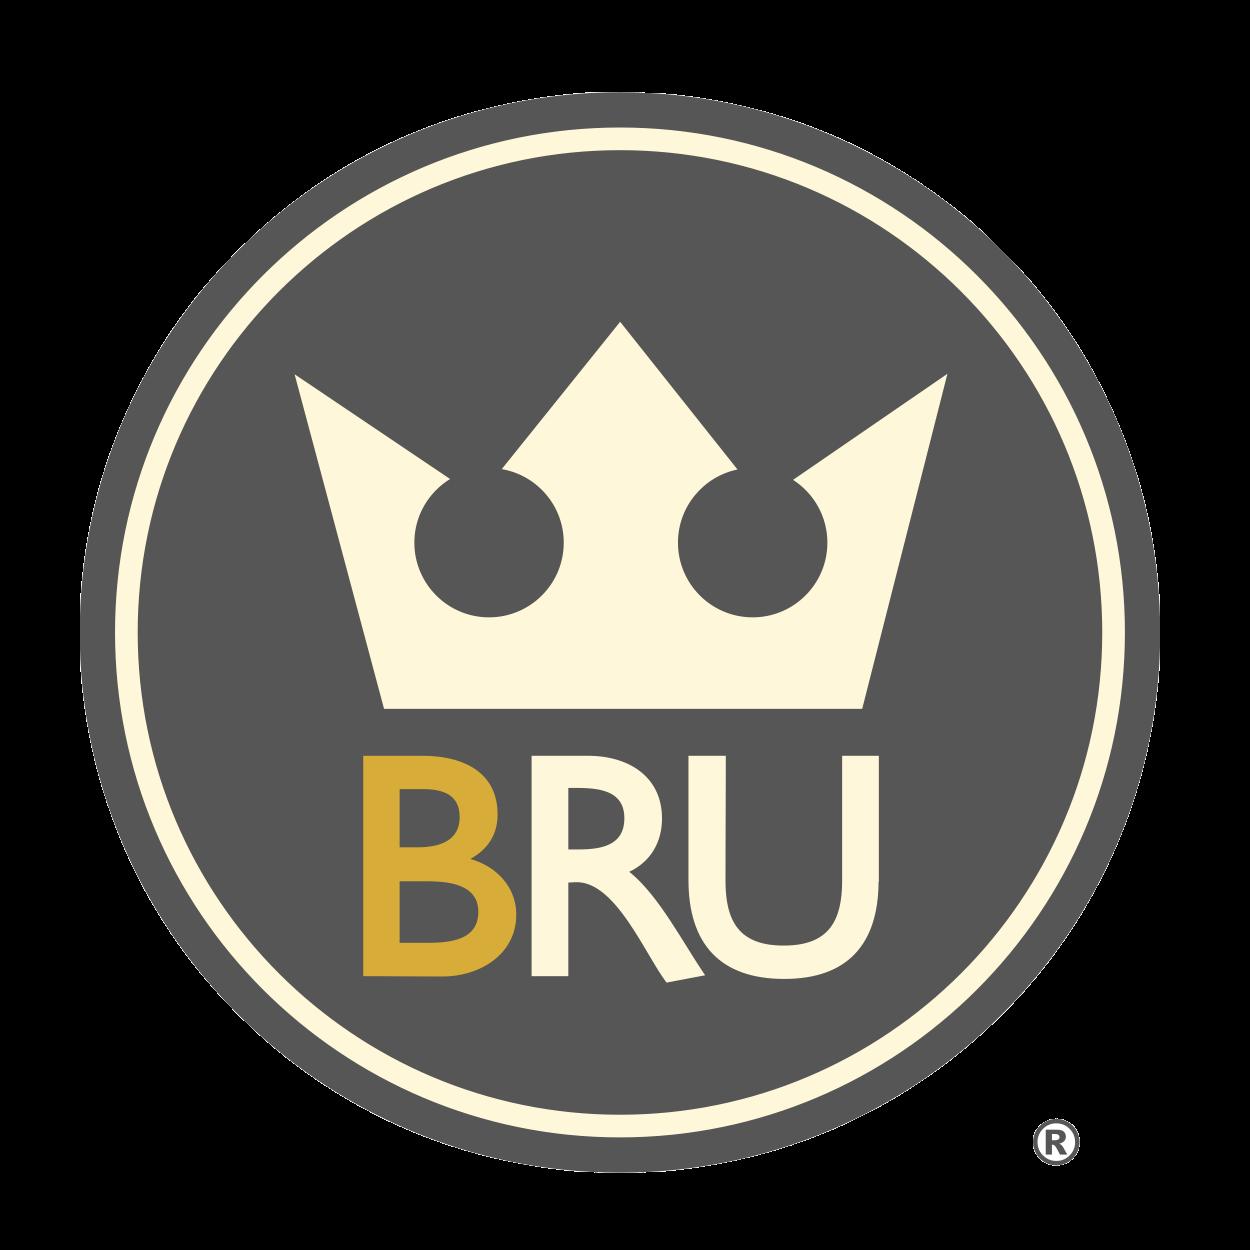 bru_logo_registered.png